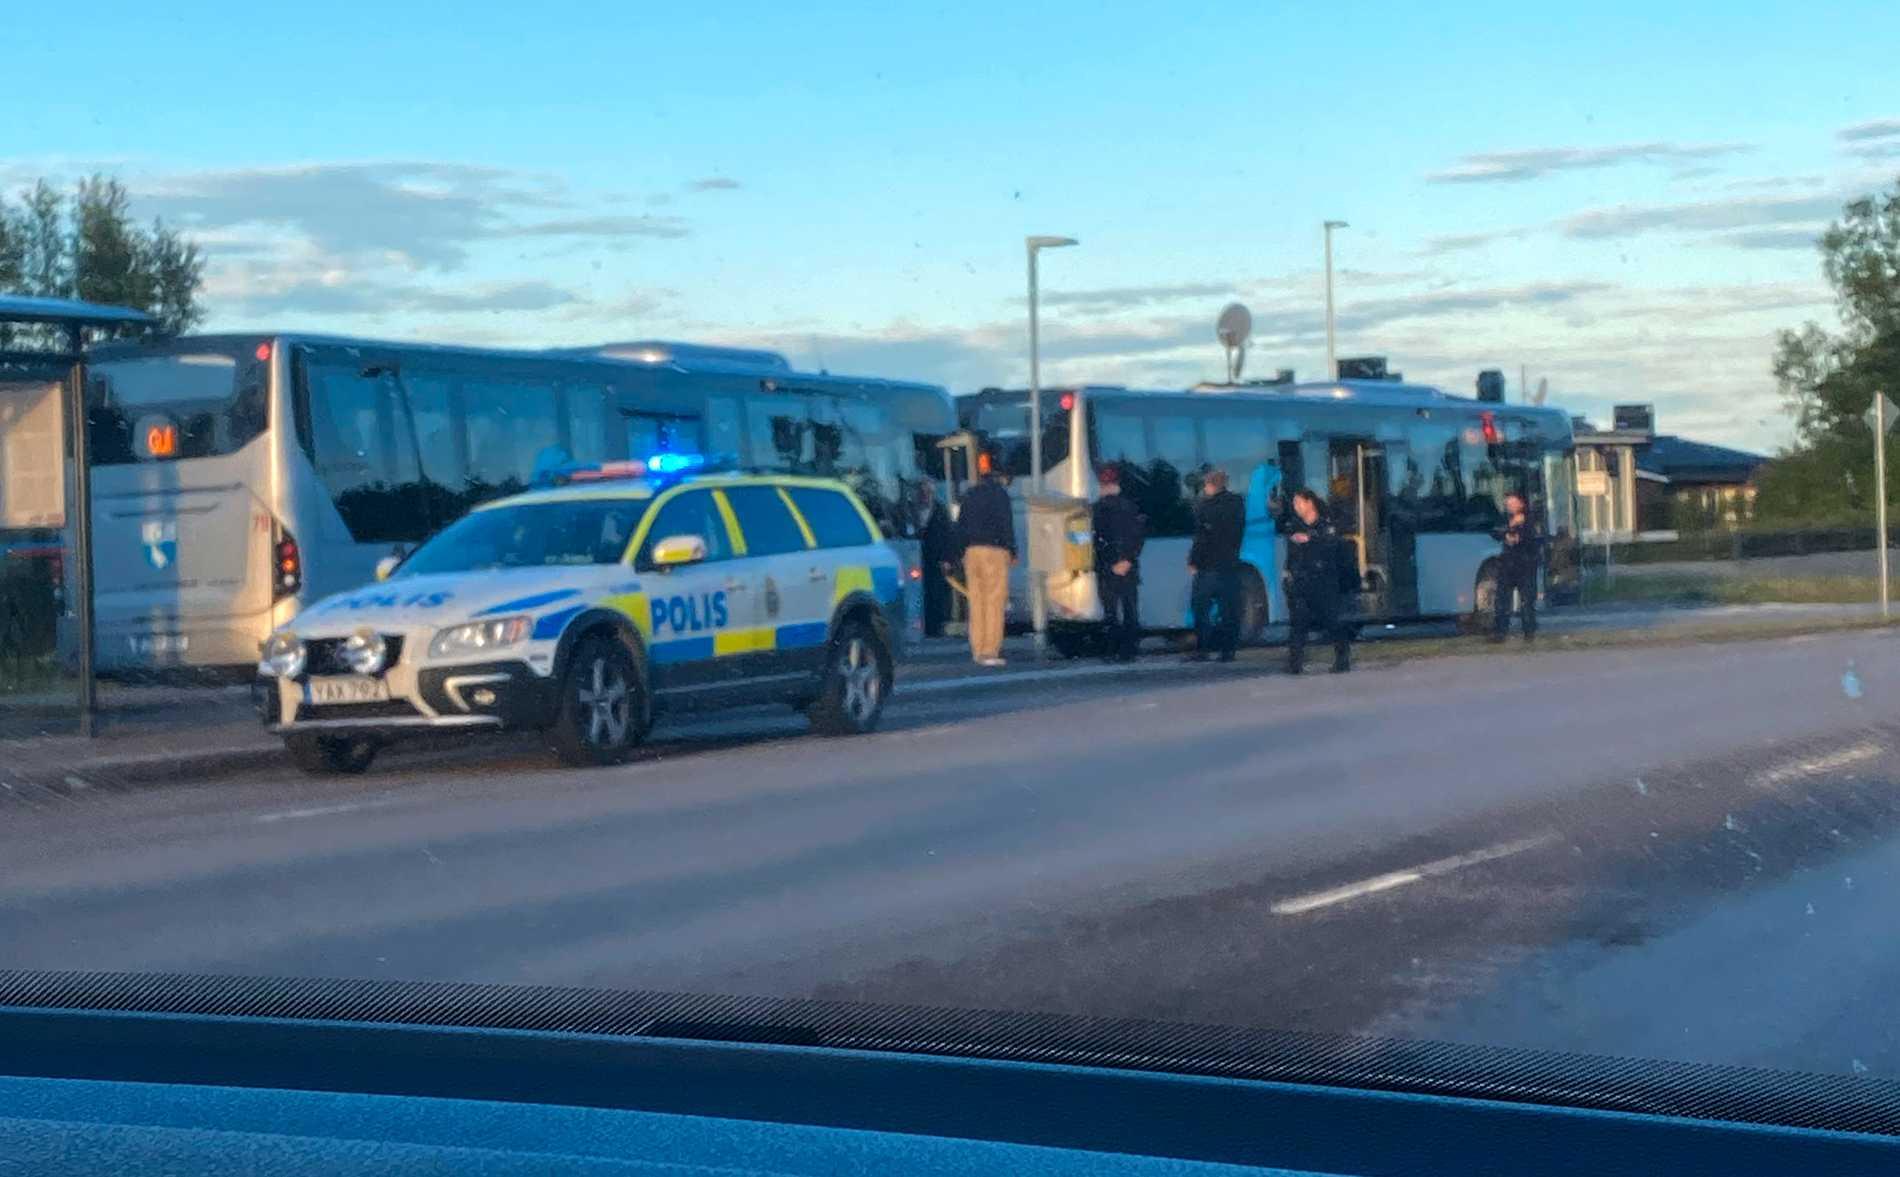 Bussen ska ha stått vid en hållplats när knivskärningen inträffade.